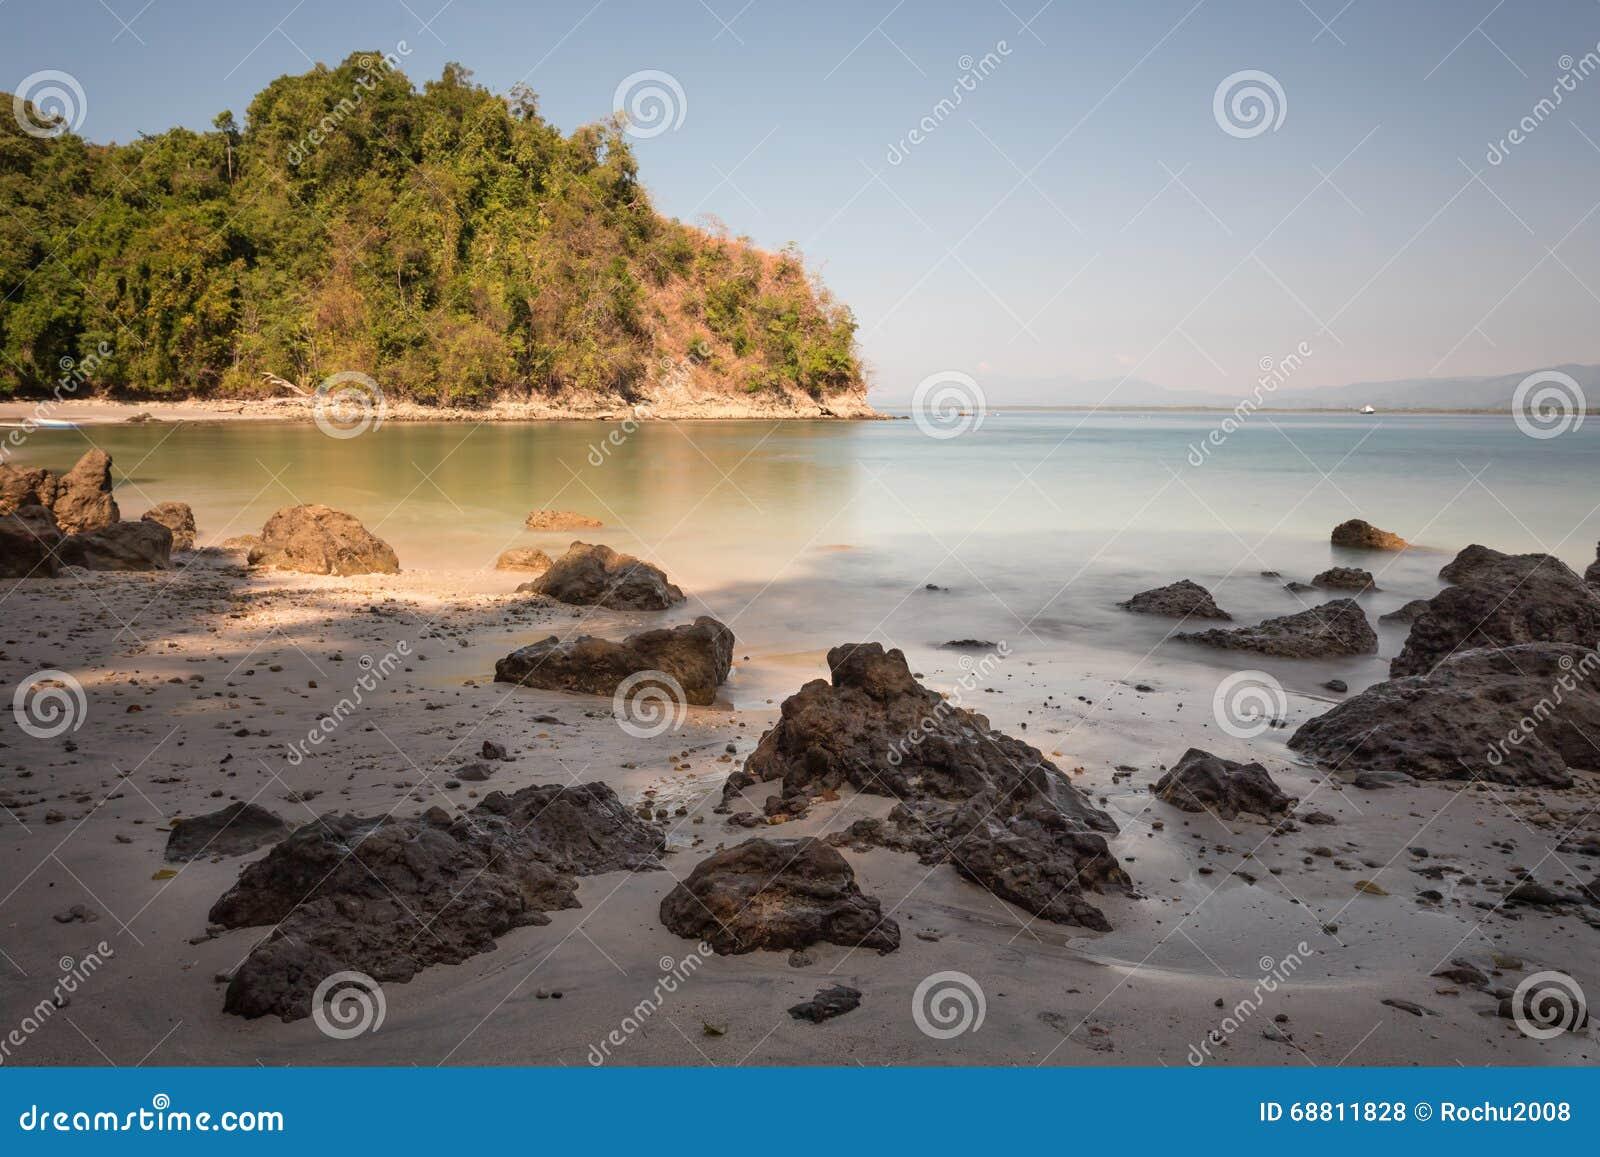 Populaire Une Vue De La Plage Des Caraïbes Au Costa Rica - Paysage Photo  TM14